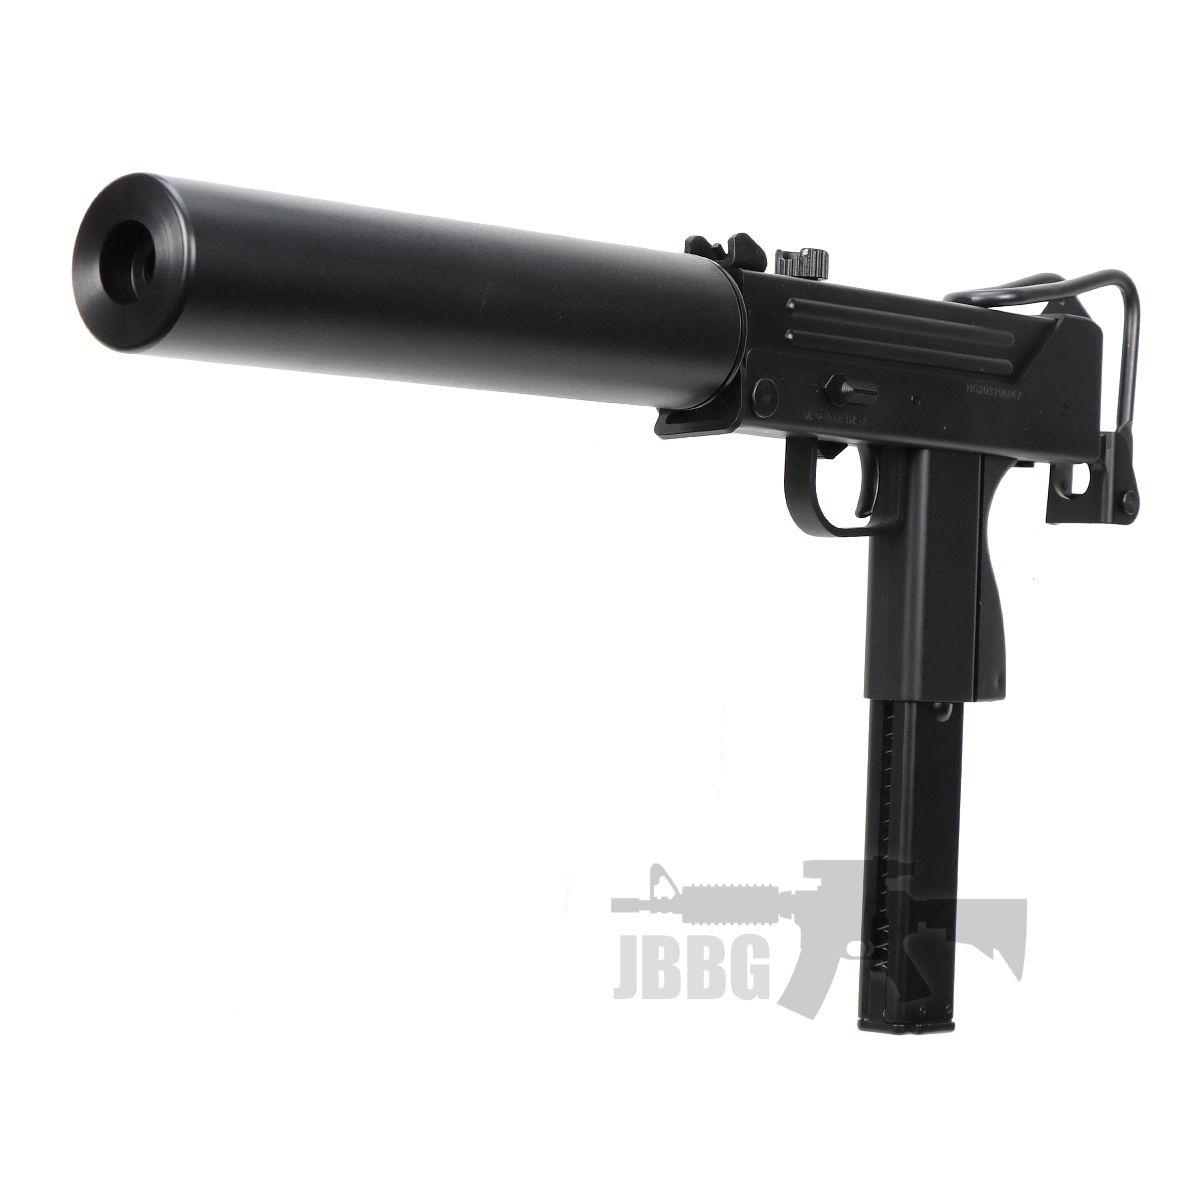 hg203 airsoft gun 3